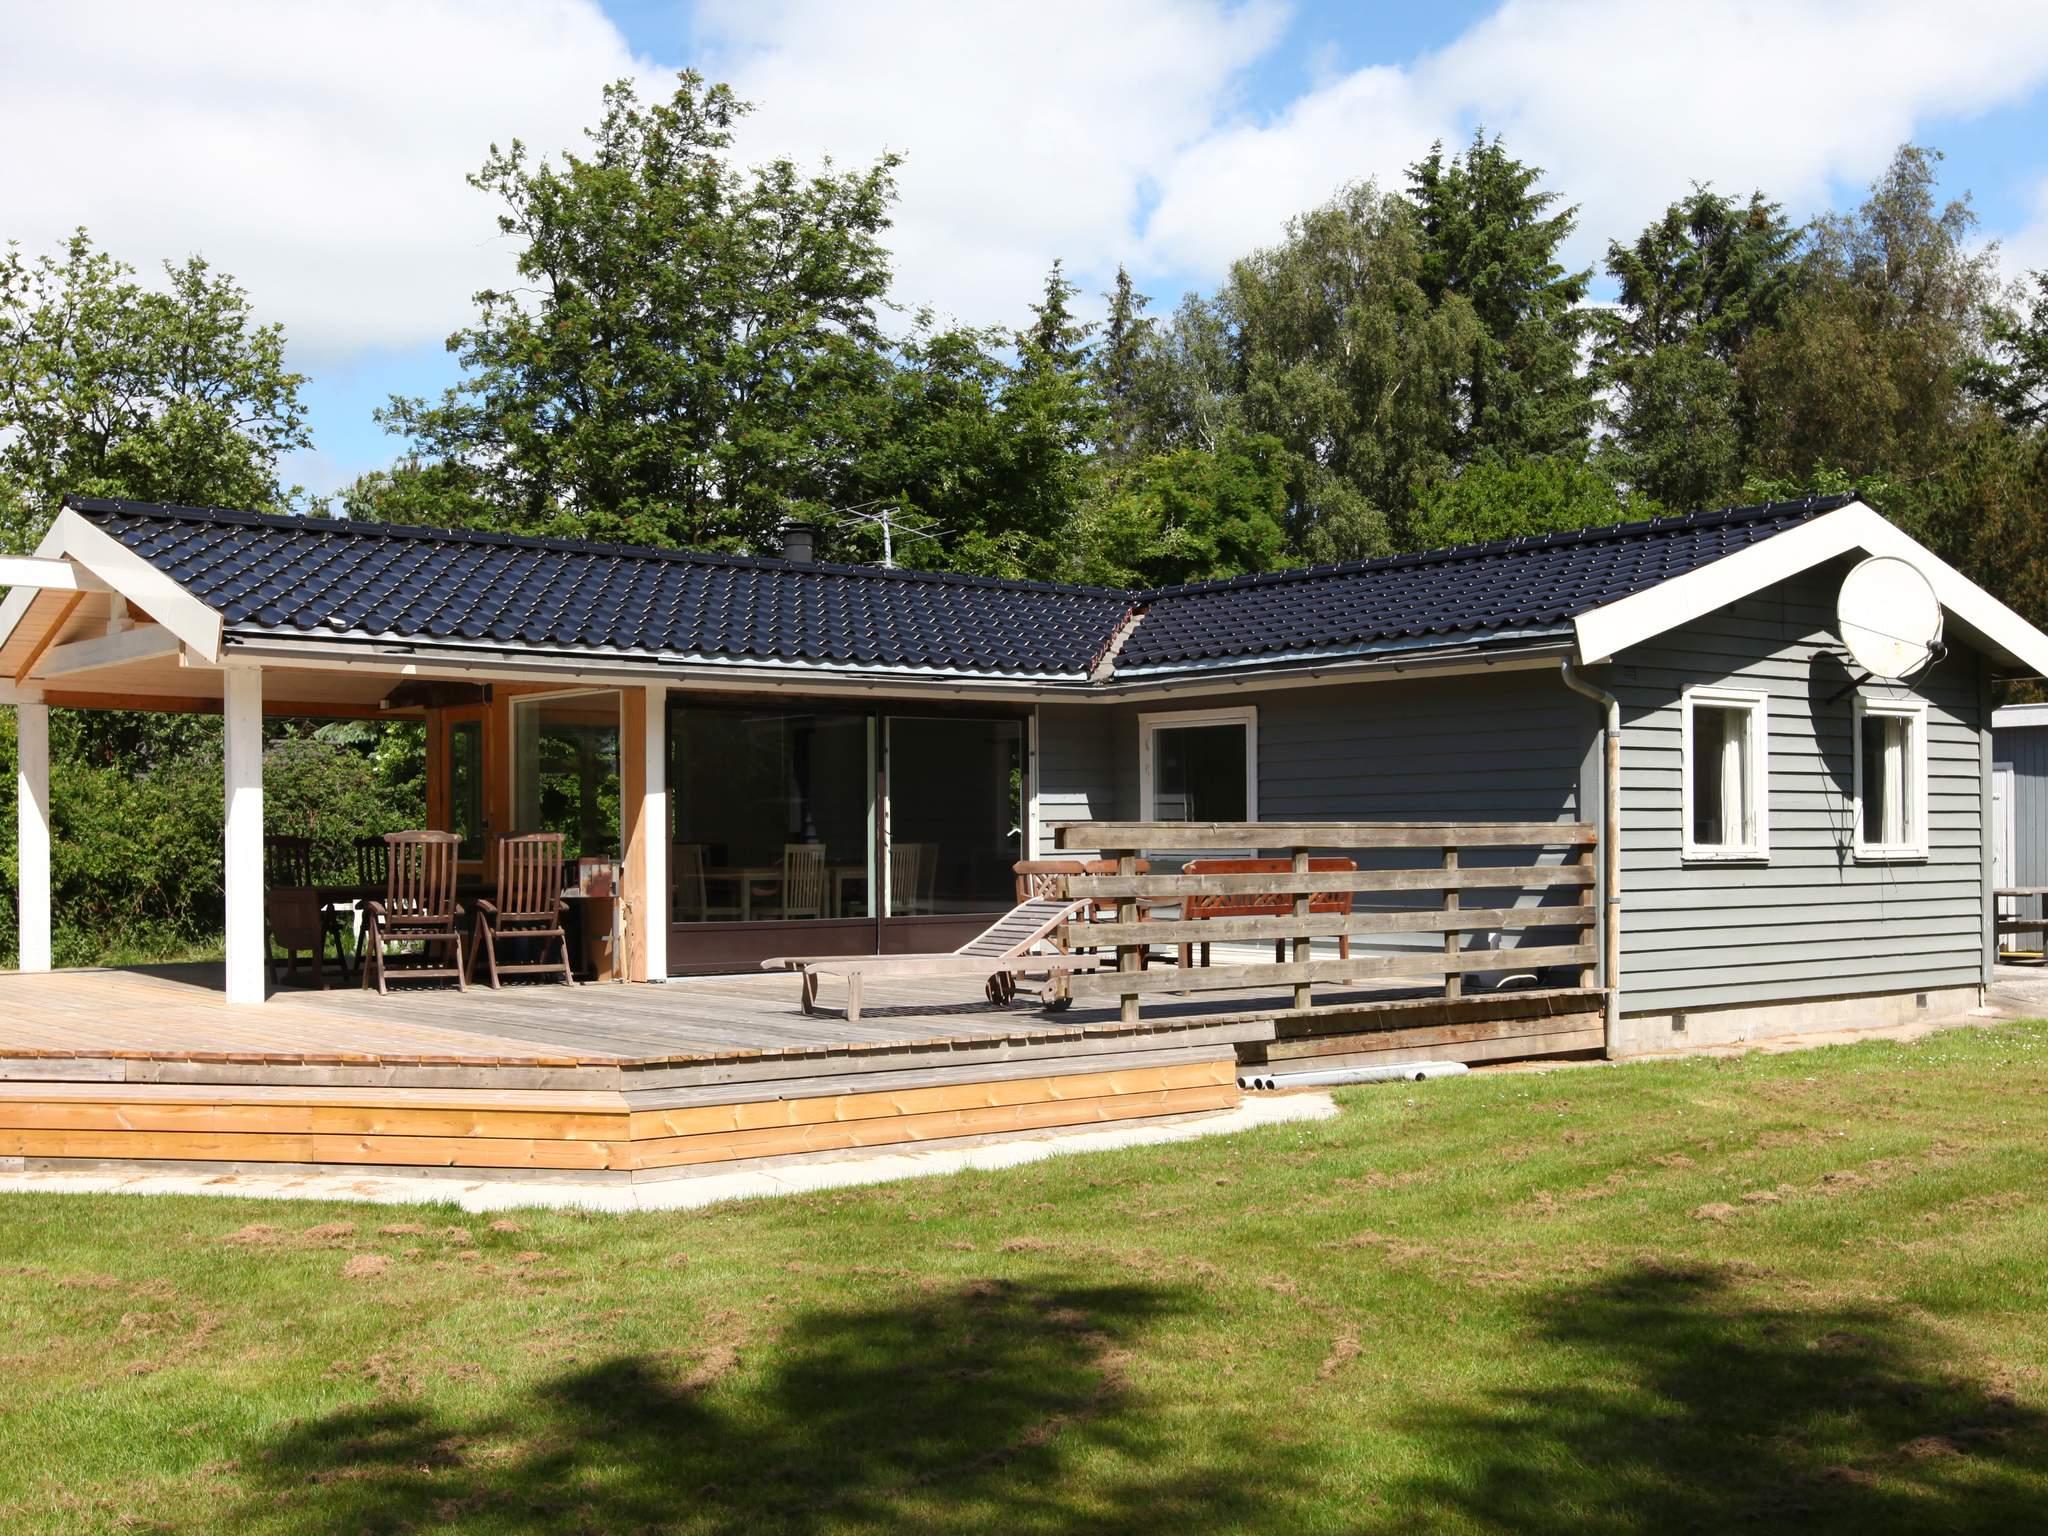 Maison de vacances Hummingen (89267), Hummingen, , Lolland, Danemark, image 14